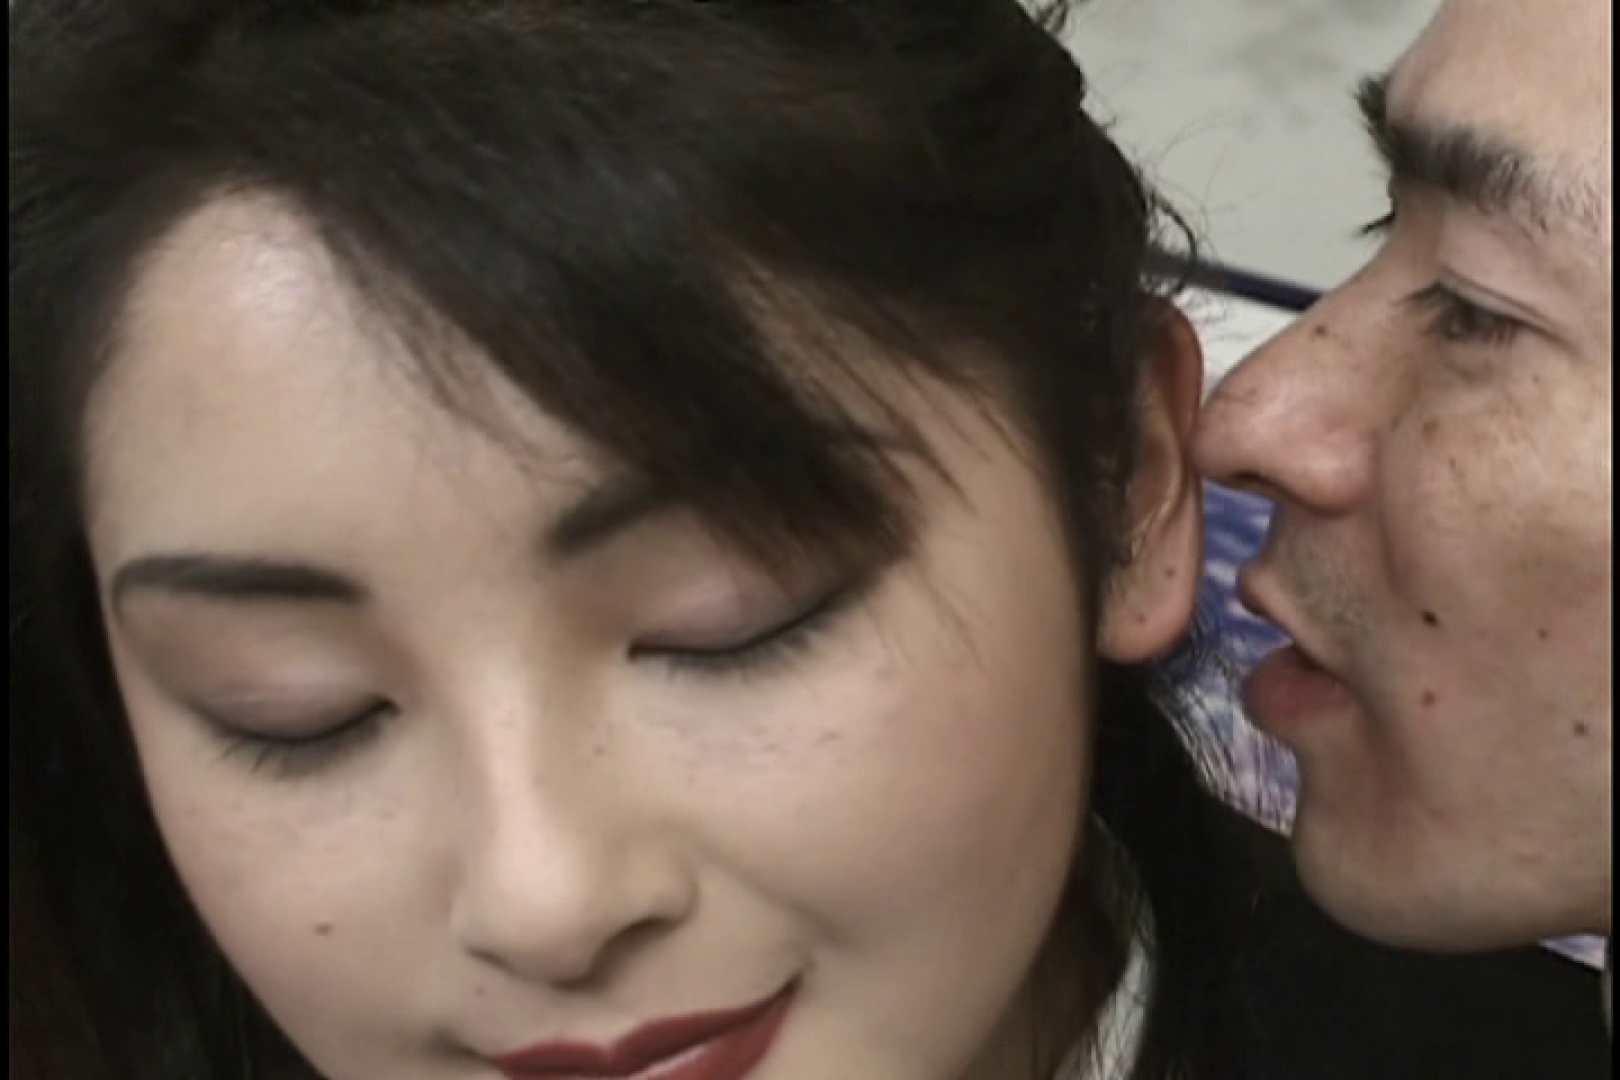 エロフェロモン全開の90センチ巨乳の淫乱人妻とSEX~篠崎麻美~ 淫乱 | 人妻  74画像 36